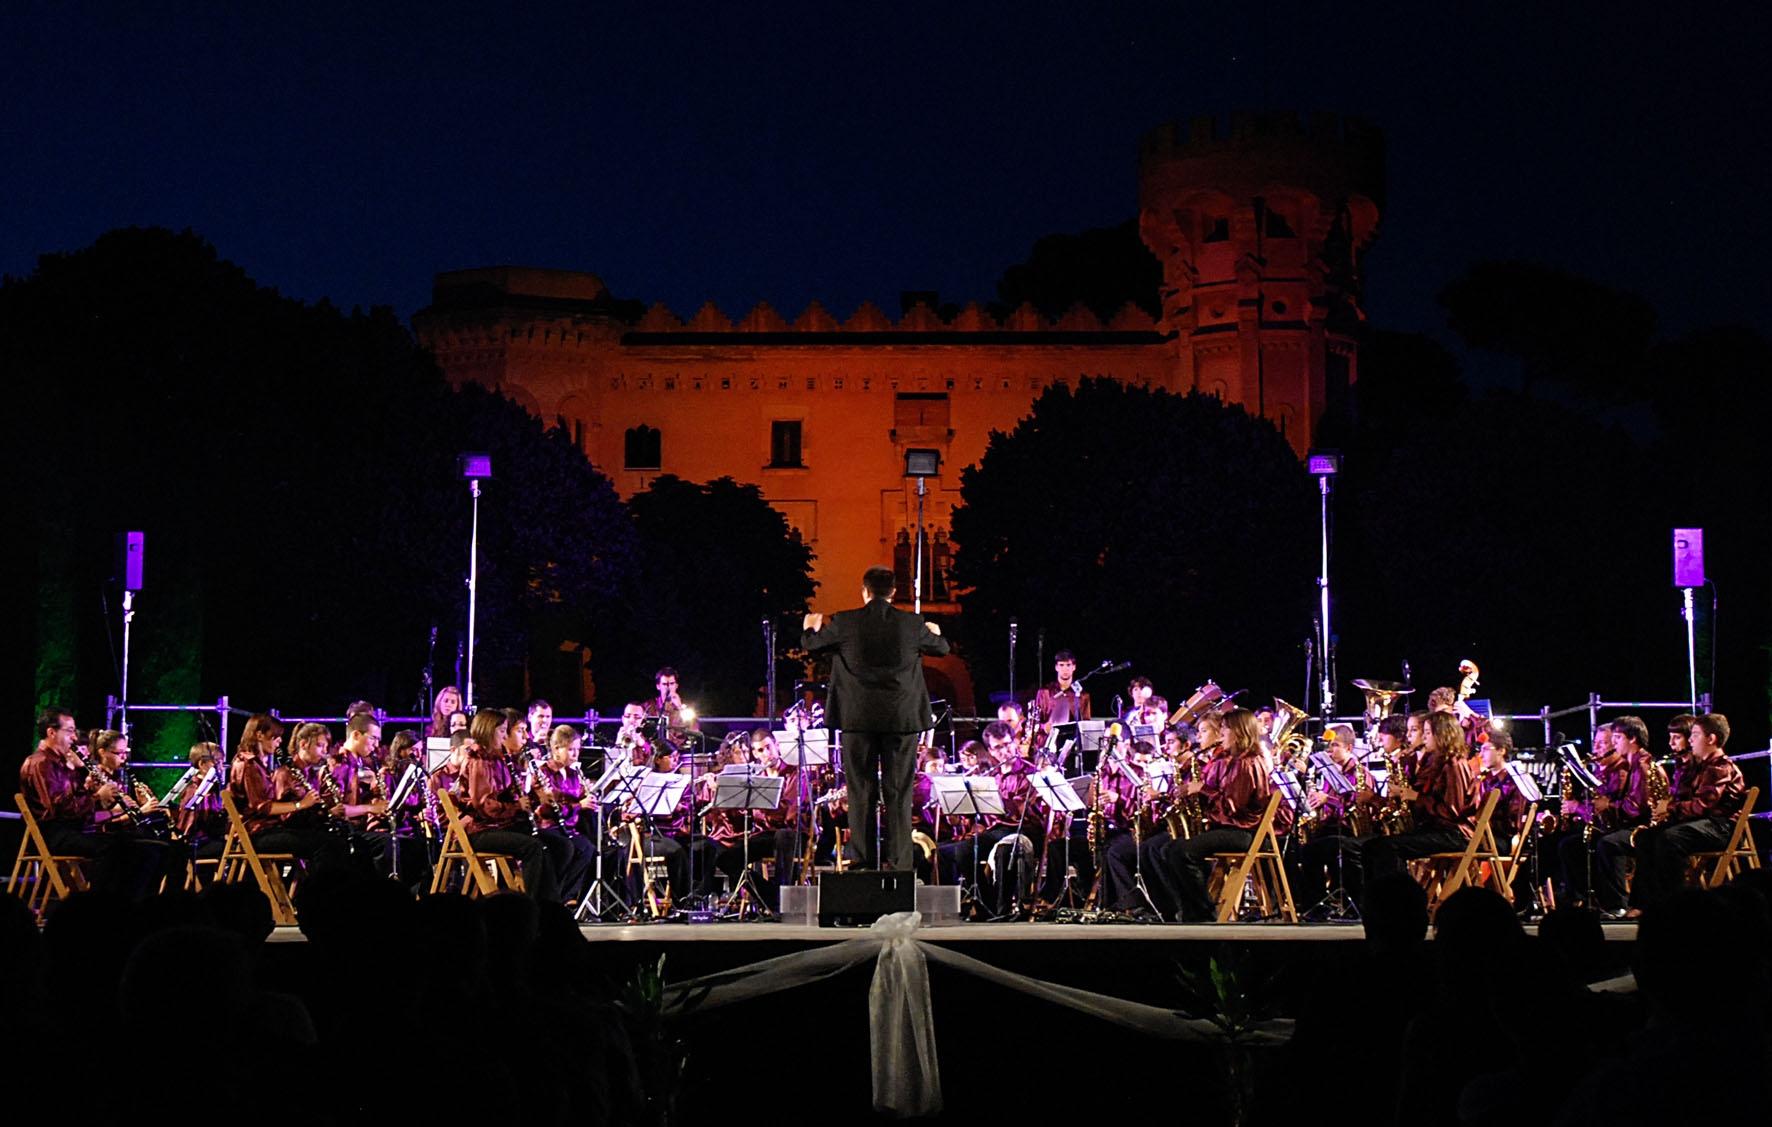 Musicals, rumba i pop rock catalans, al concert del Castell de Sant Marçal de Cerdanyola